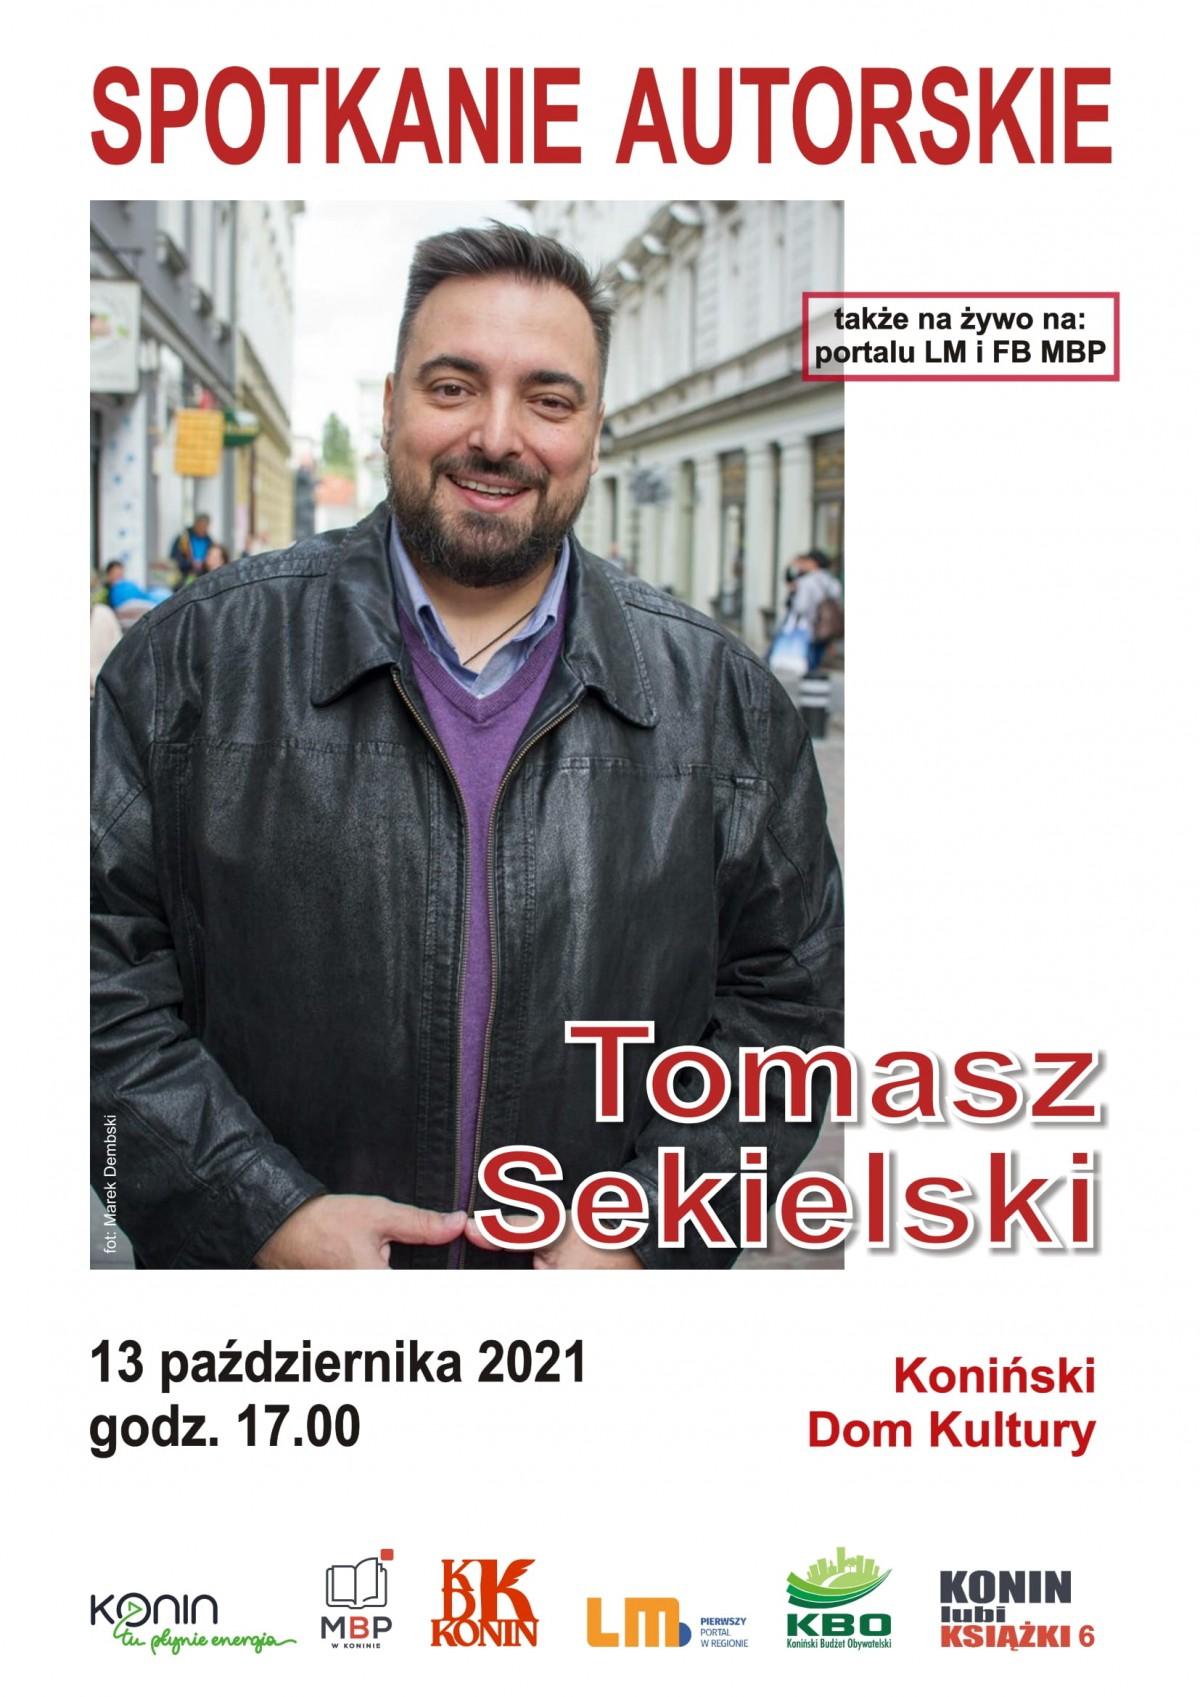 W KDK odbędzie się spotkanie autorskie z Tomaszem Sekielskim